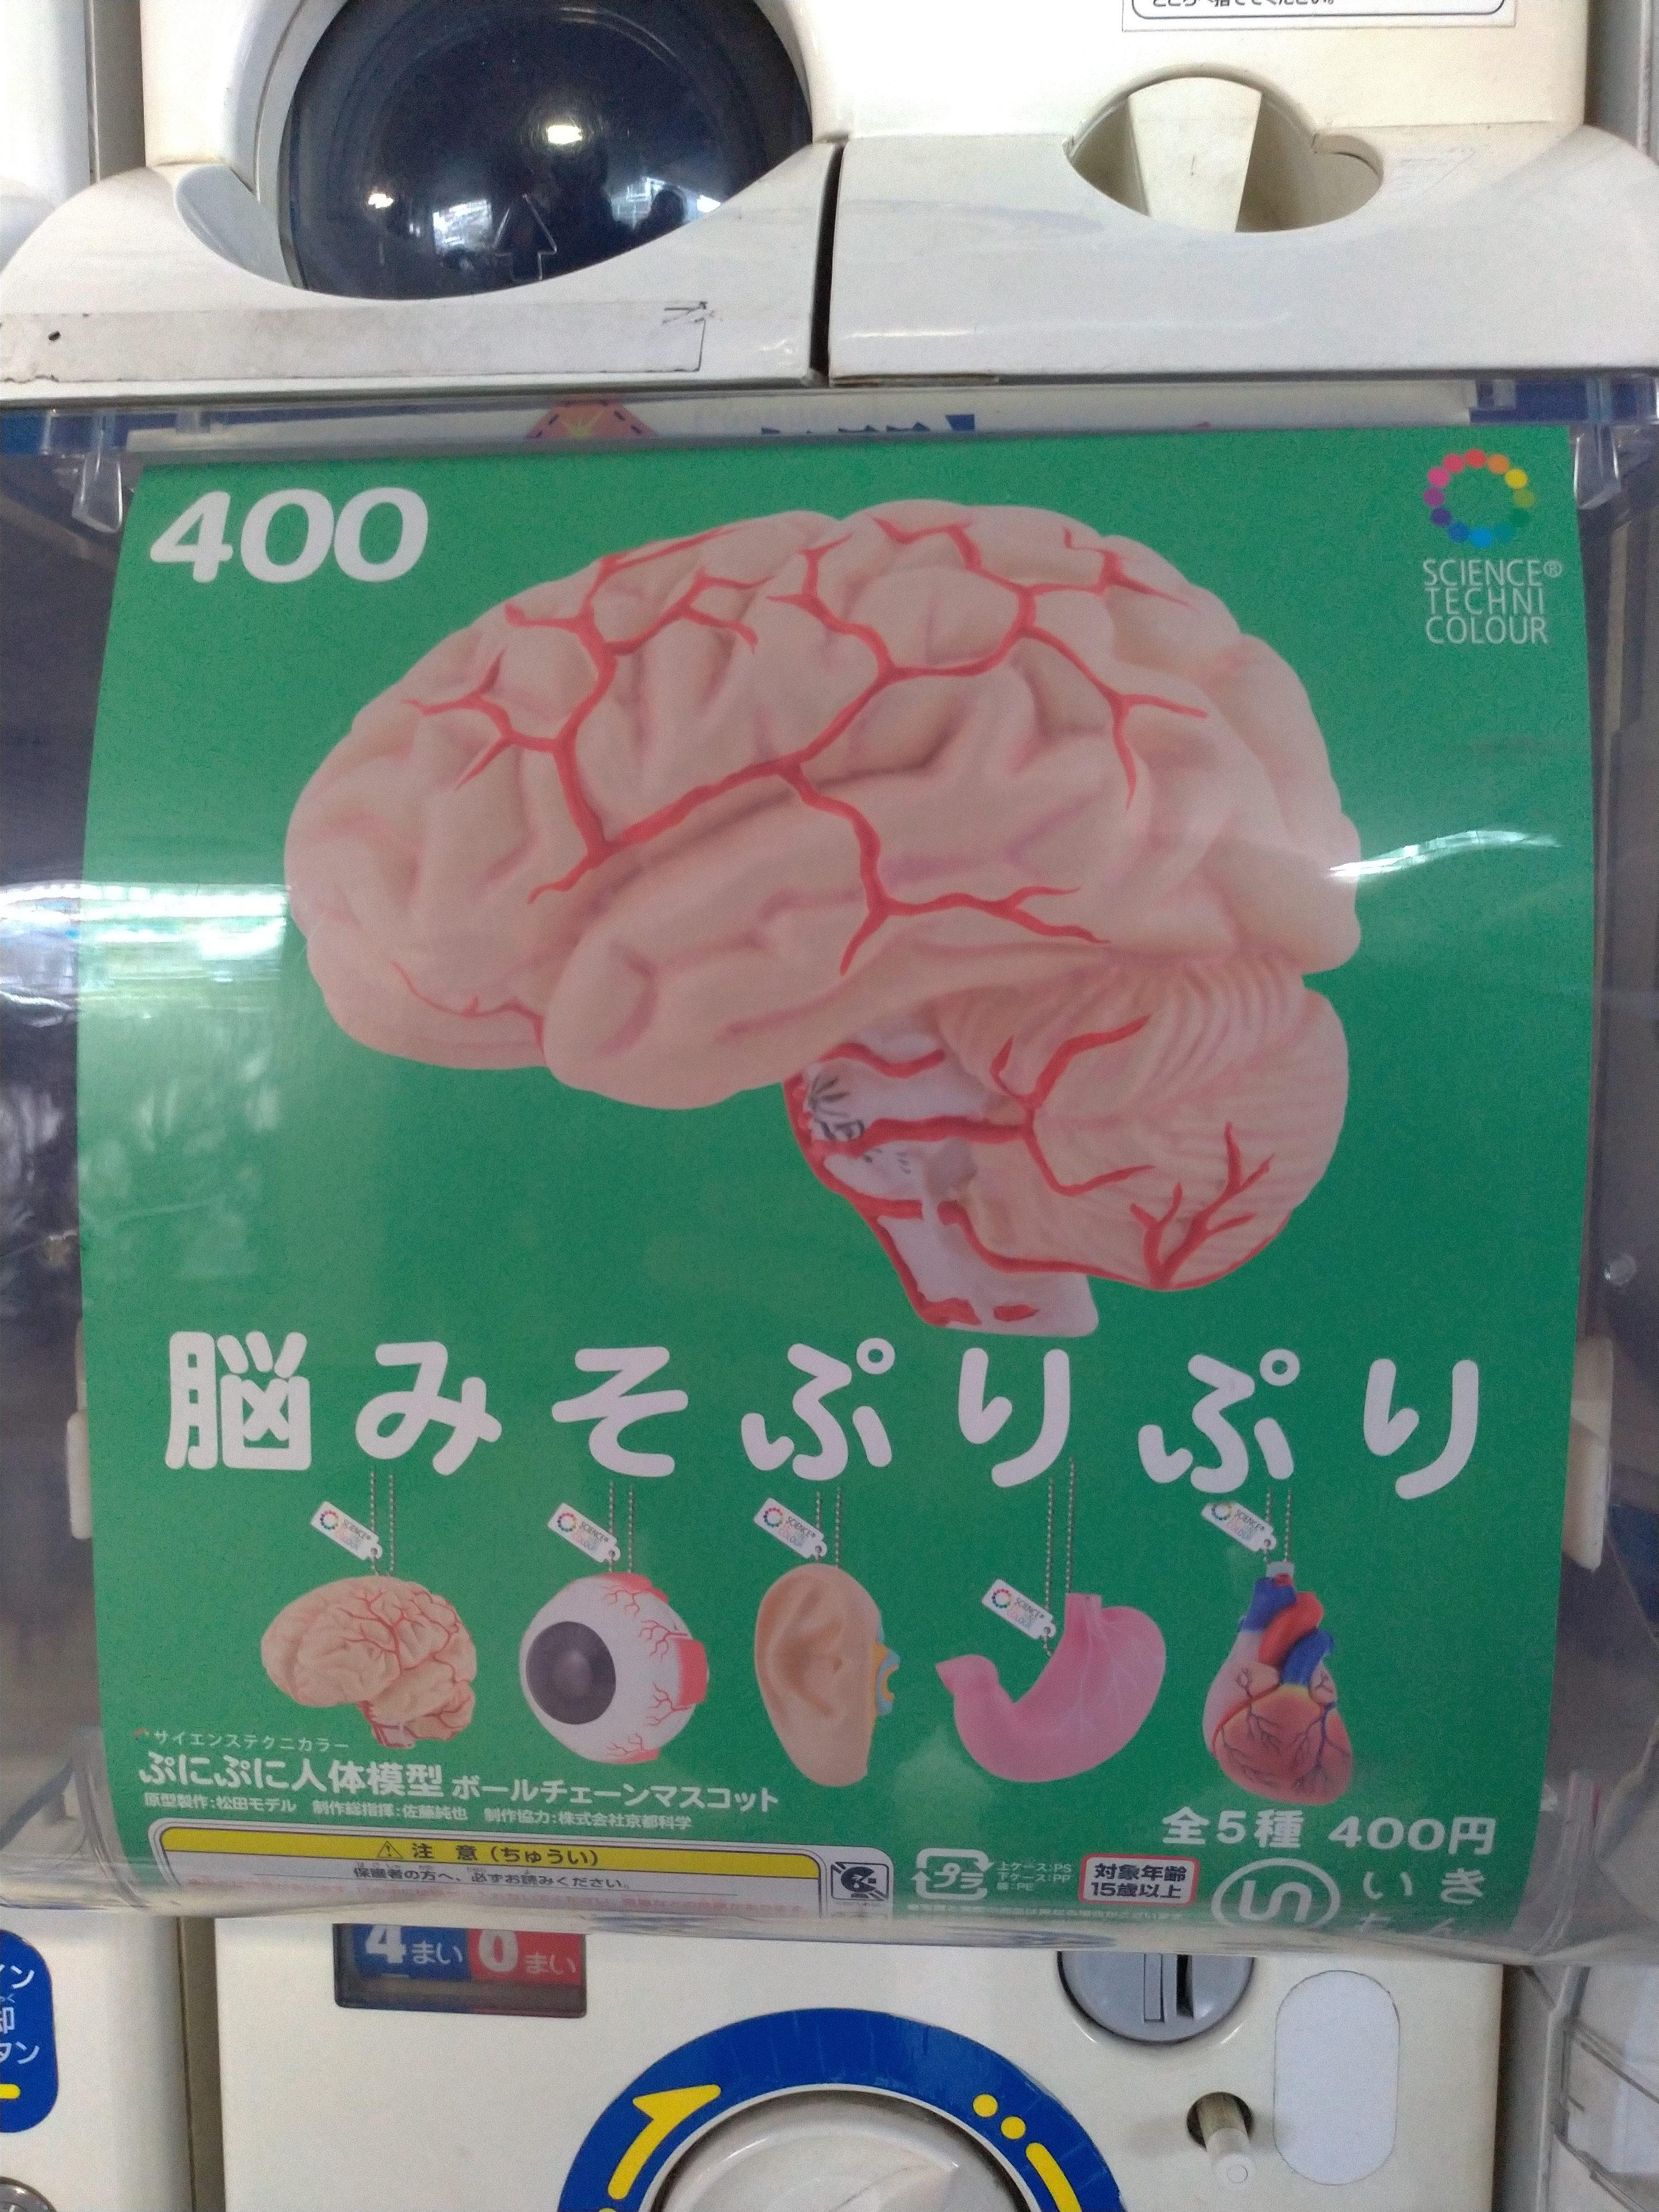 サイエンステクニカラーの科学ガチャ「ぷにぷに人体模型」脳みそぷりぷり